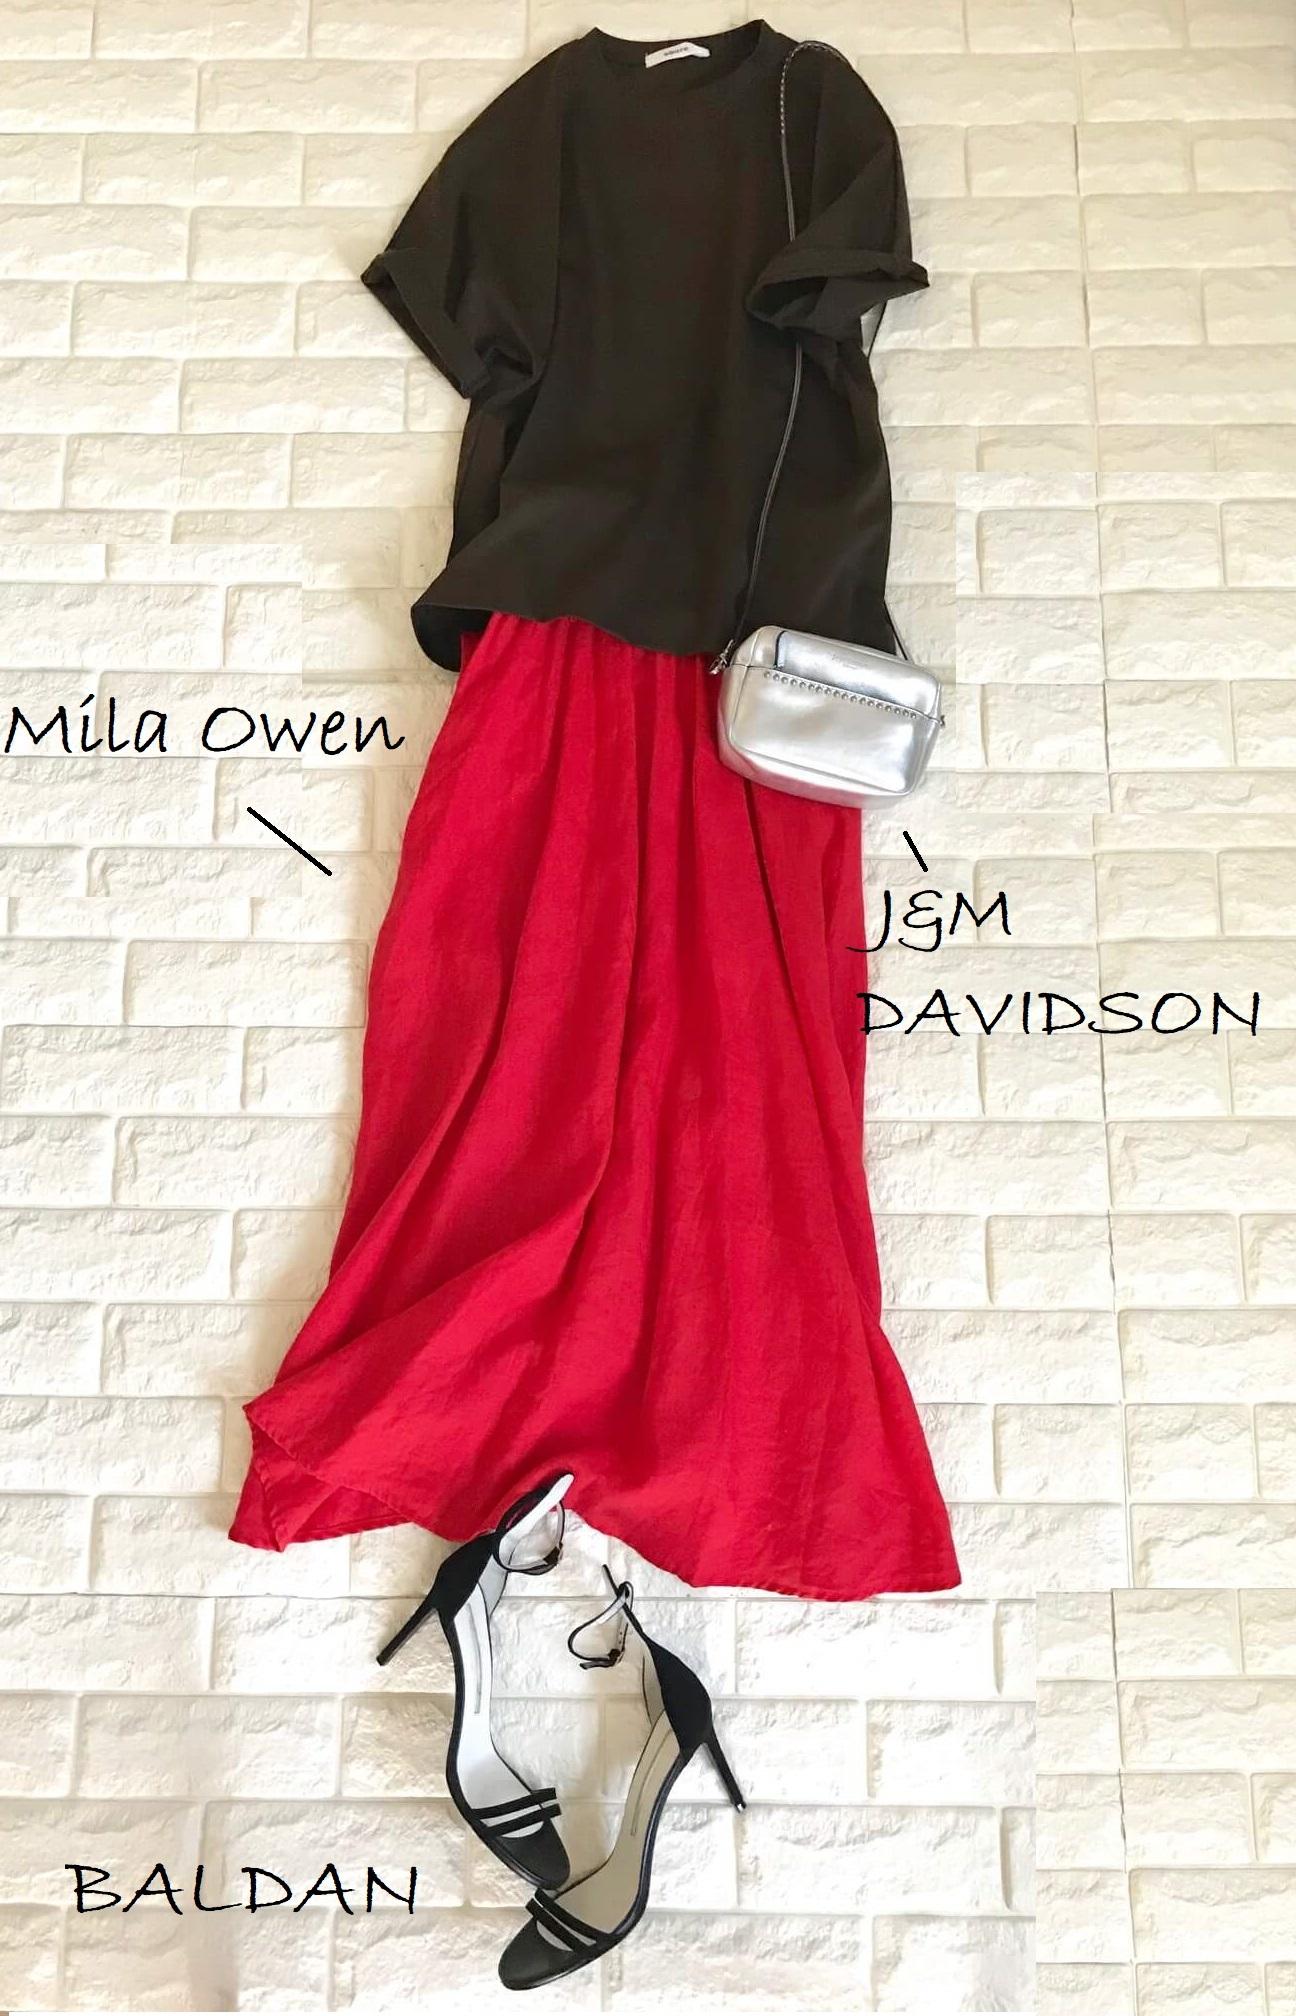 エブールのTシャツと赤いスカートを合わせた画像